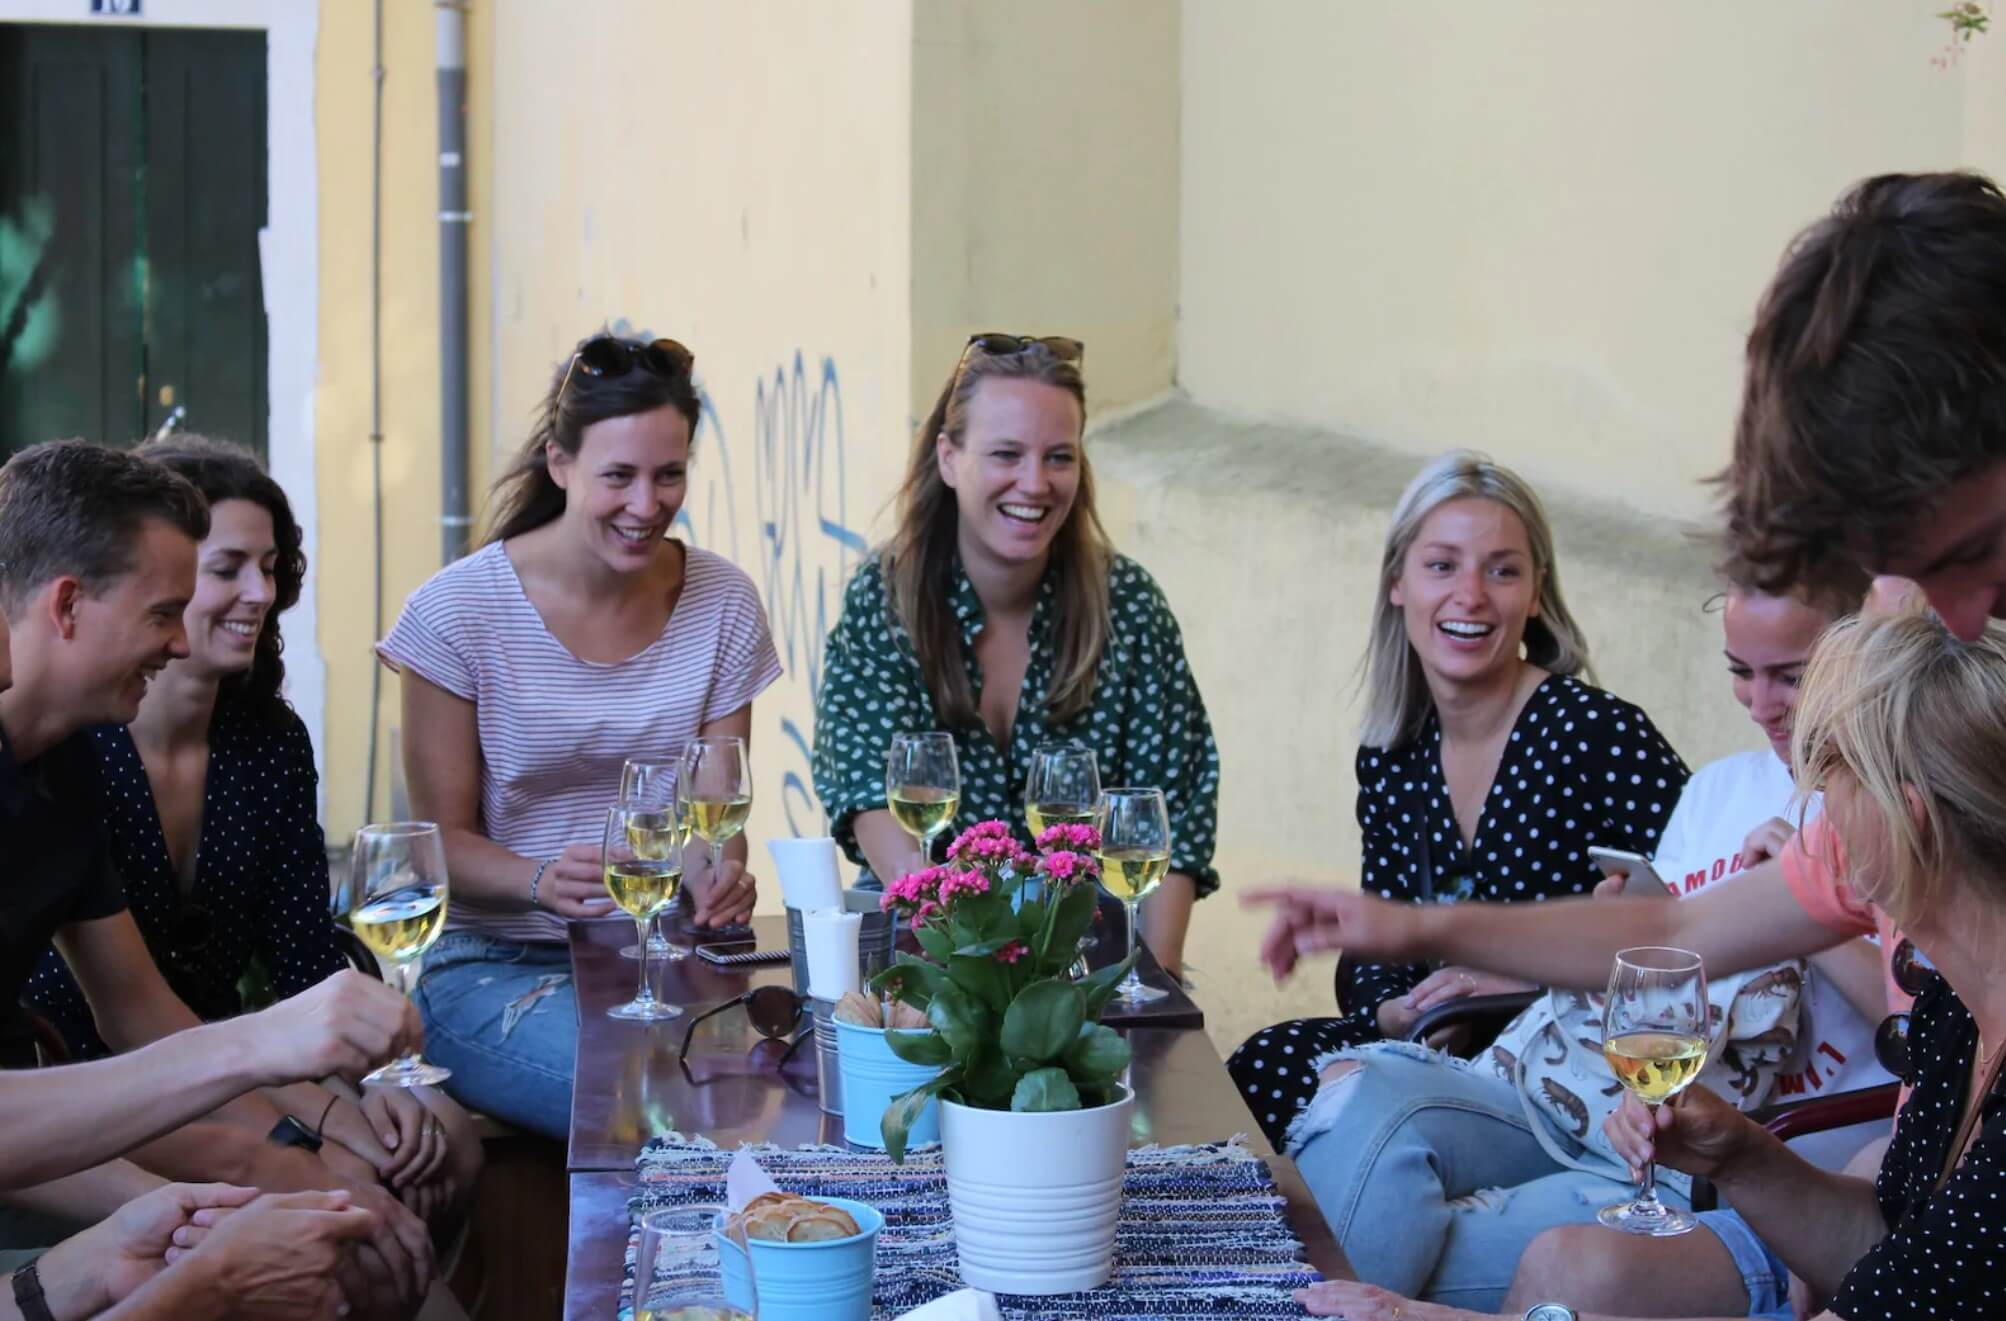 Taste of Portugal: 18 Tastings Tour